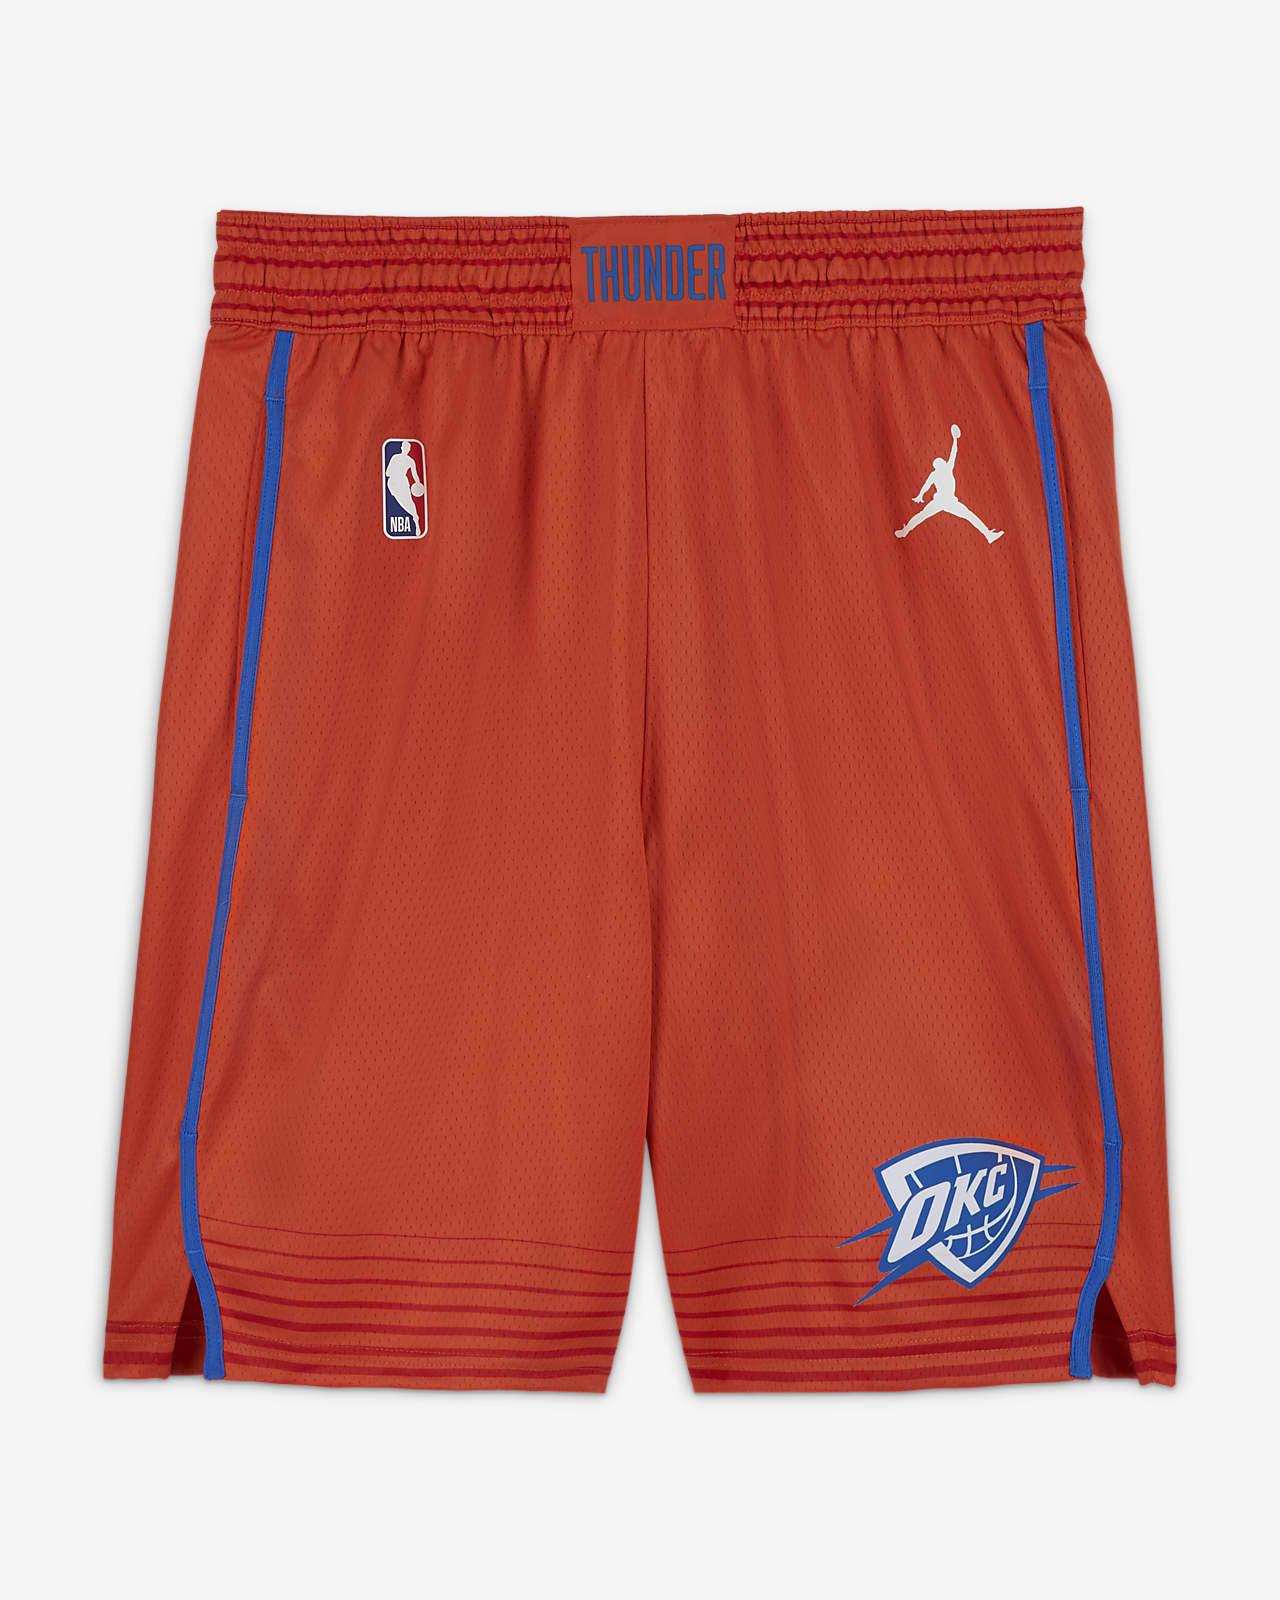 Shorts Thunder Statement Edition 2020 Swingman Jordan NBA - Uomo